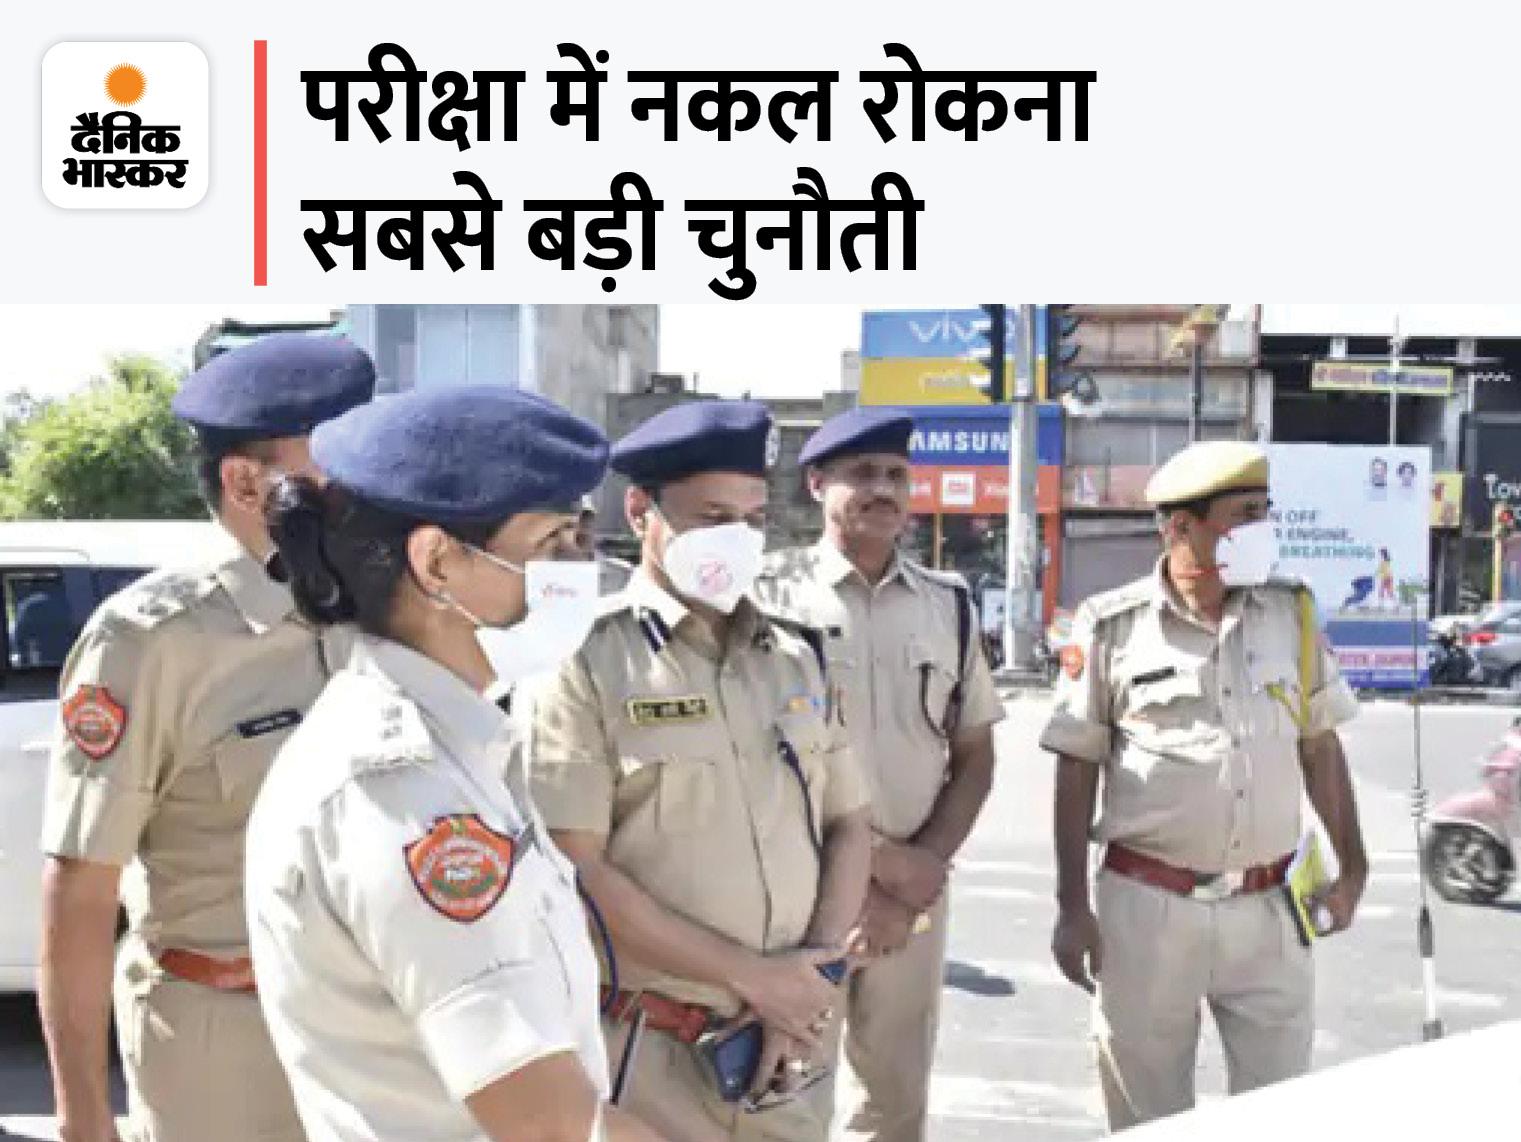 ATS की टीम करेगी निगरानी, 4 हजार से ज्यादा पुलिसकर्मी देंगे ड्यूटी; 45 उड़न दस्ते तैयार|जयपुर,Jaipur - Dainik Bhaskar